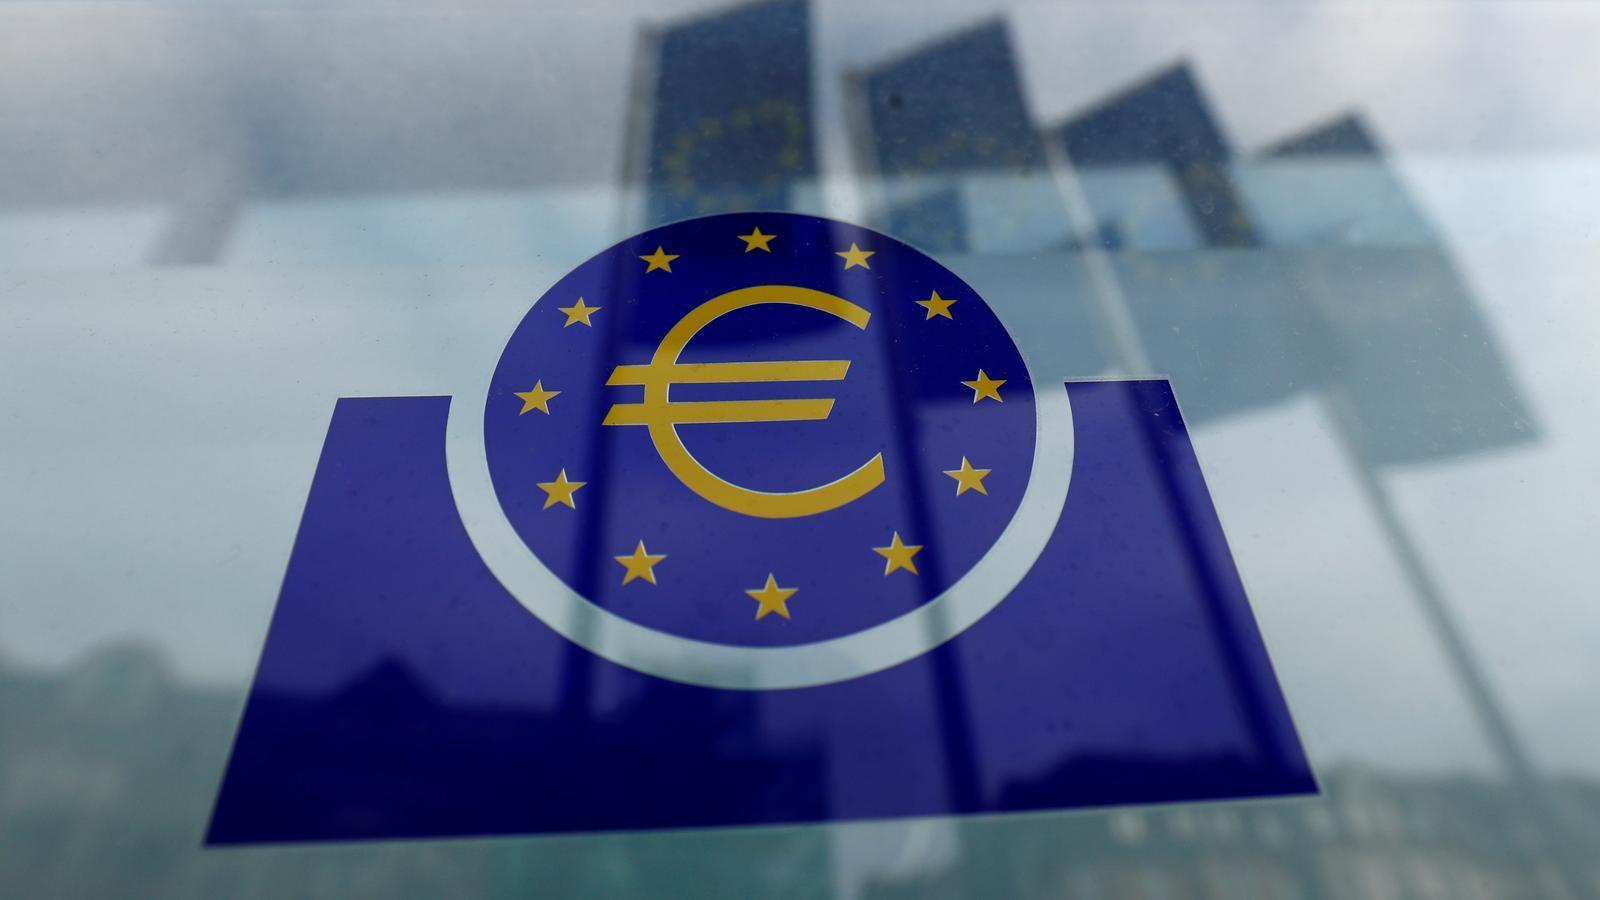 El BCE acceptarà actius dolents com a garantia per donar préstecs als bancs